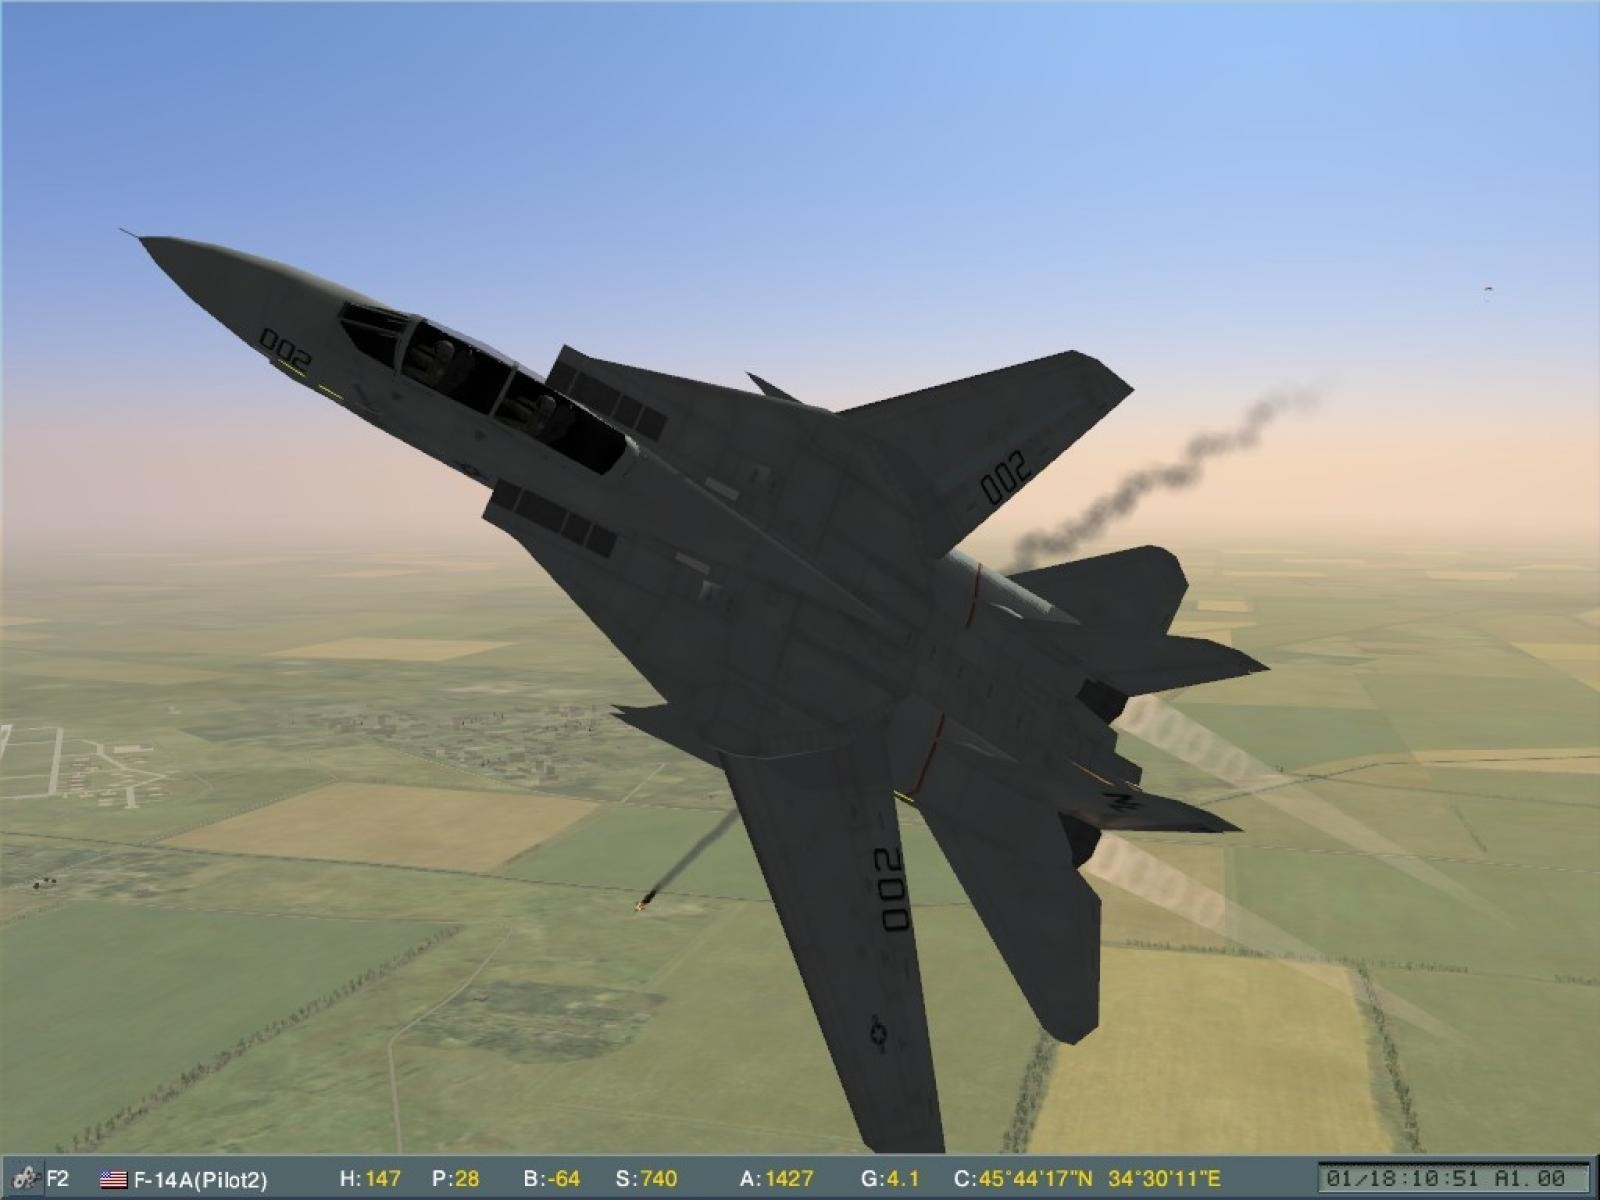 ScreenShot_024.jpg